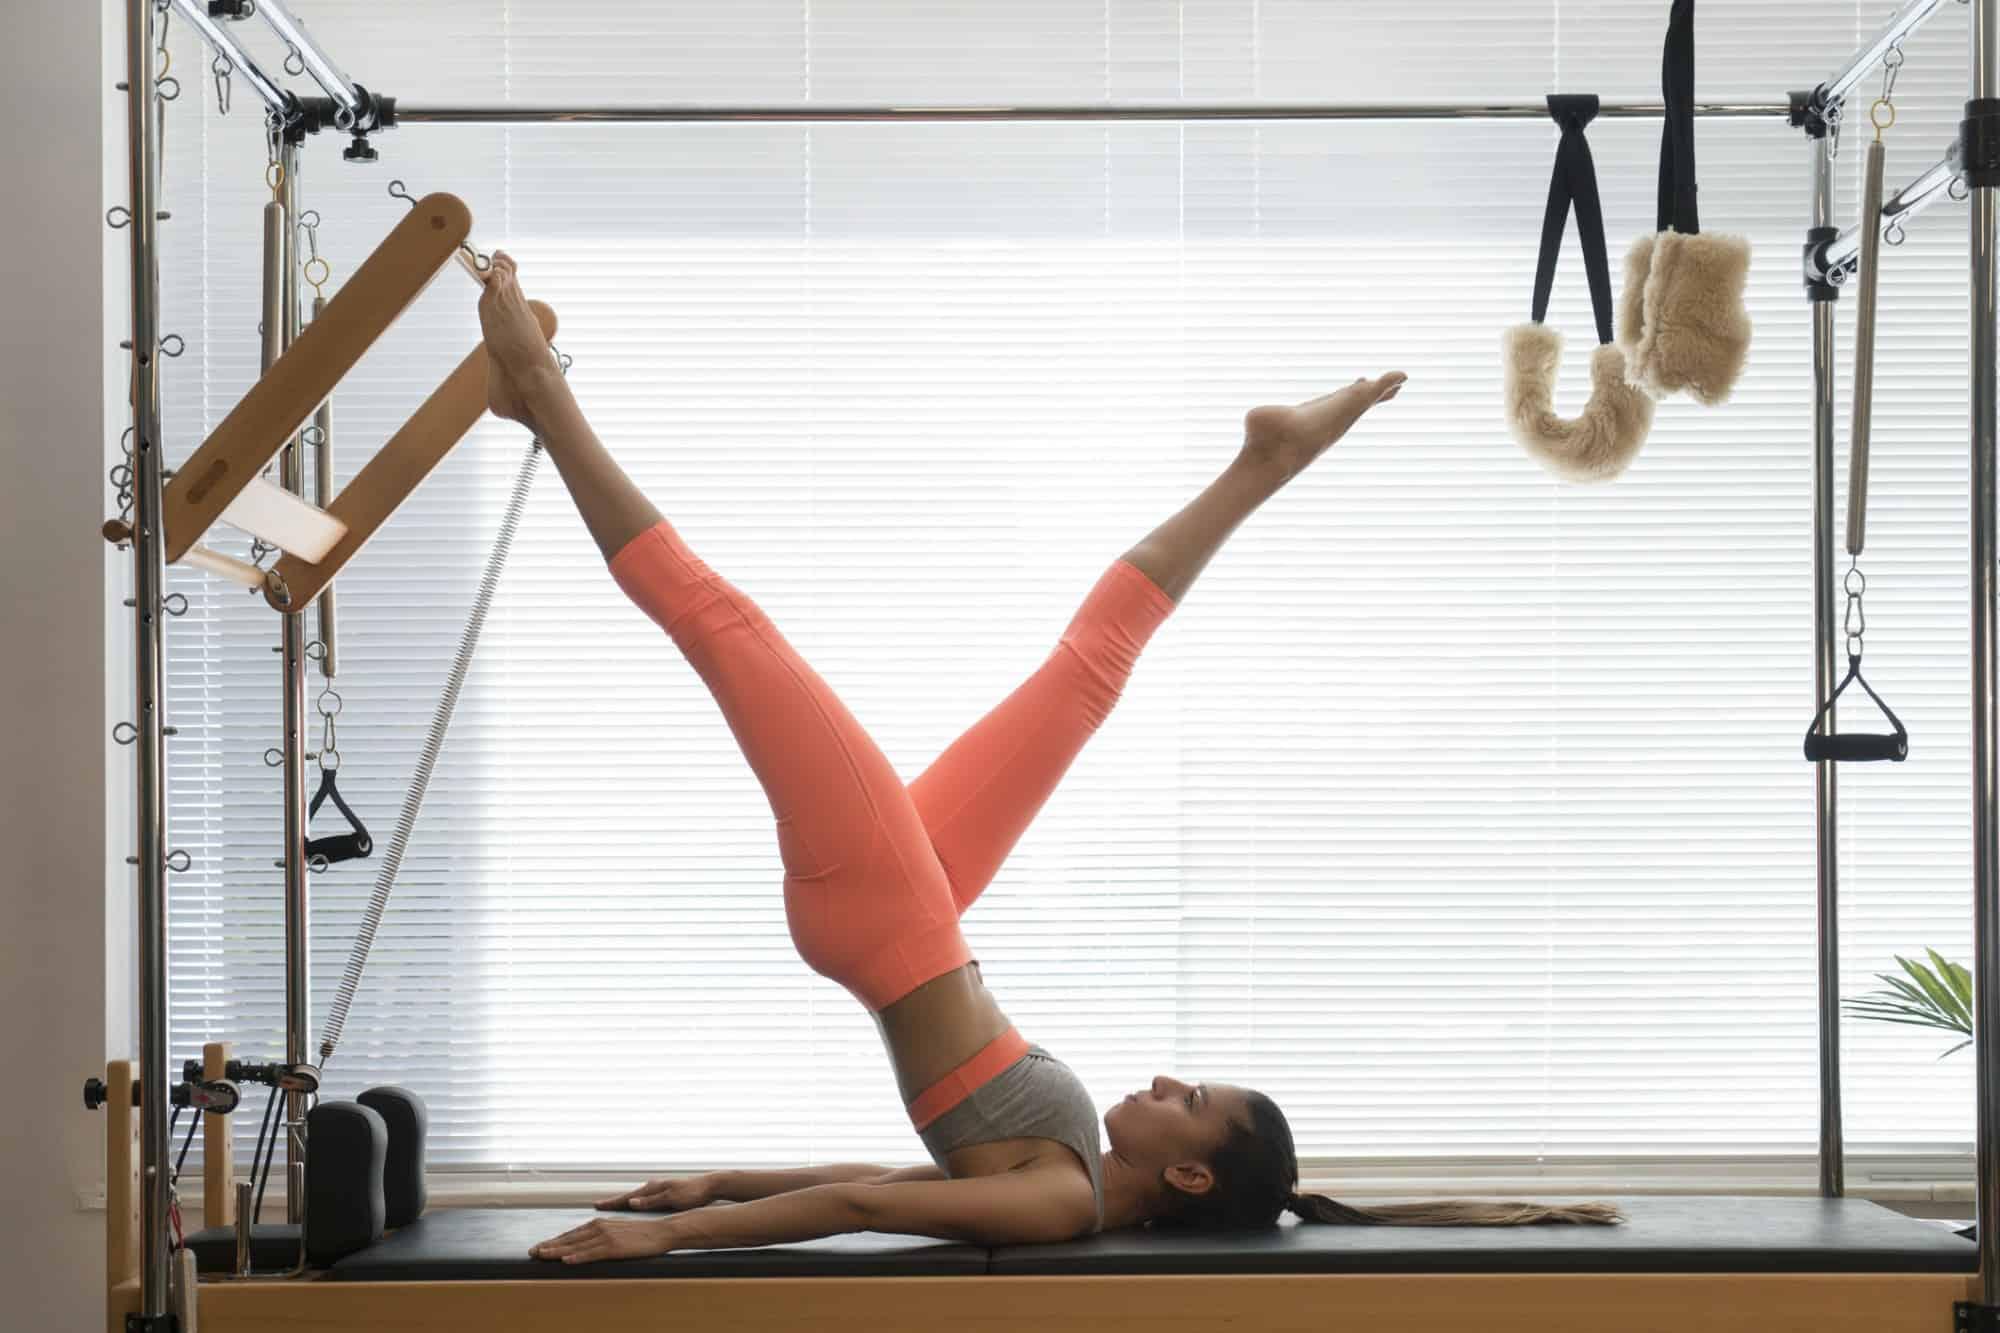 Quais são os benefícios dos exercícios de pilates?